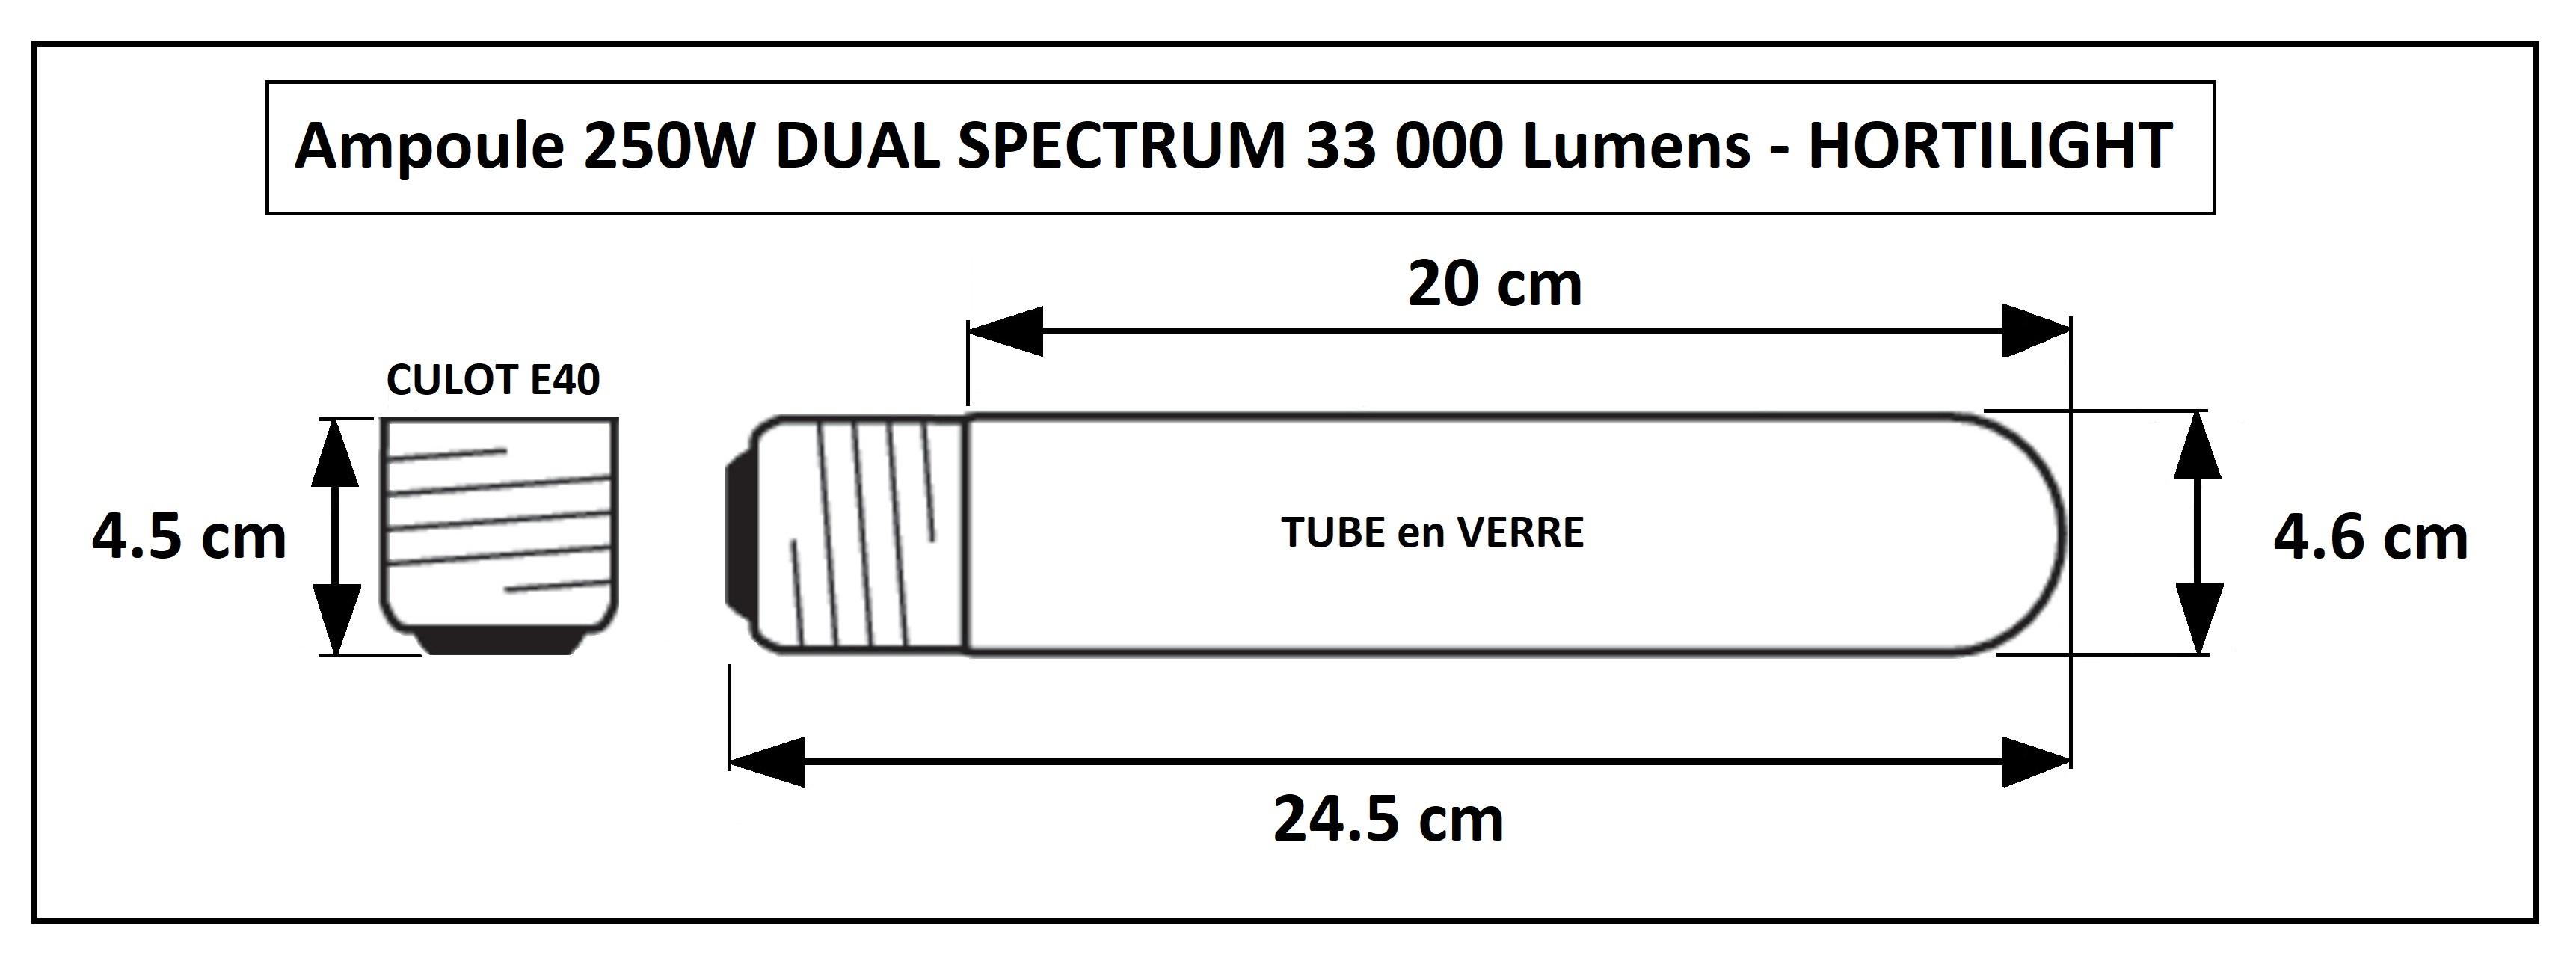 Lampe HPS 250W Hortilight